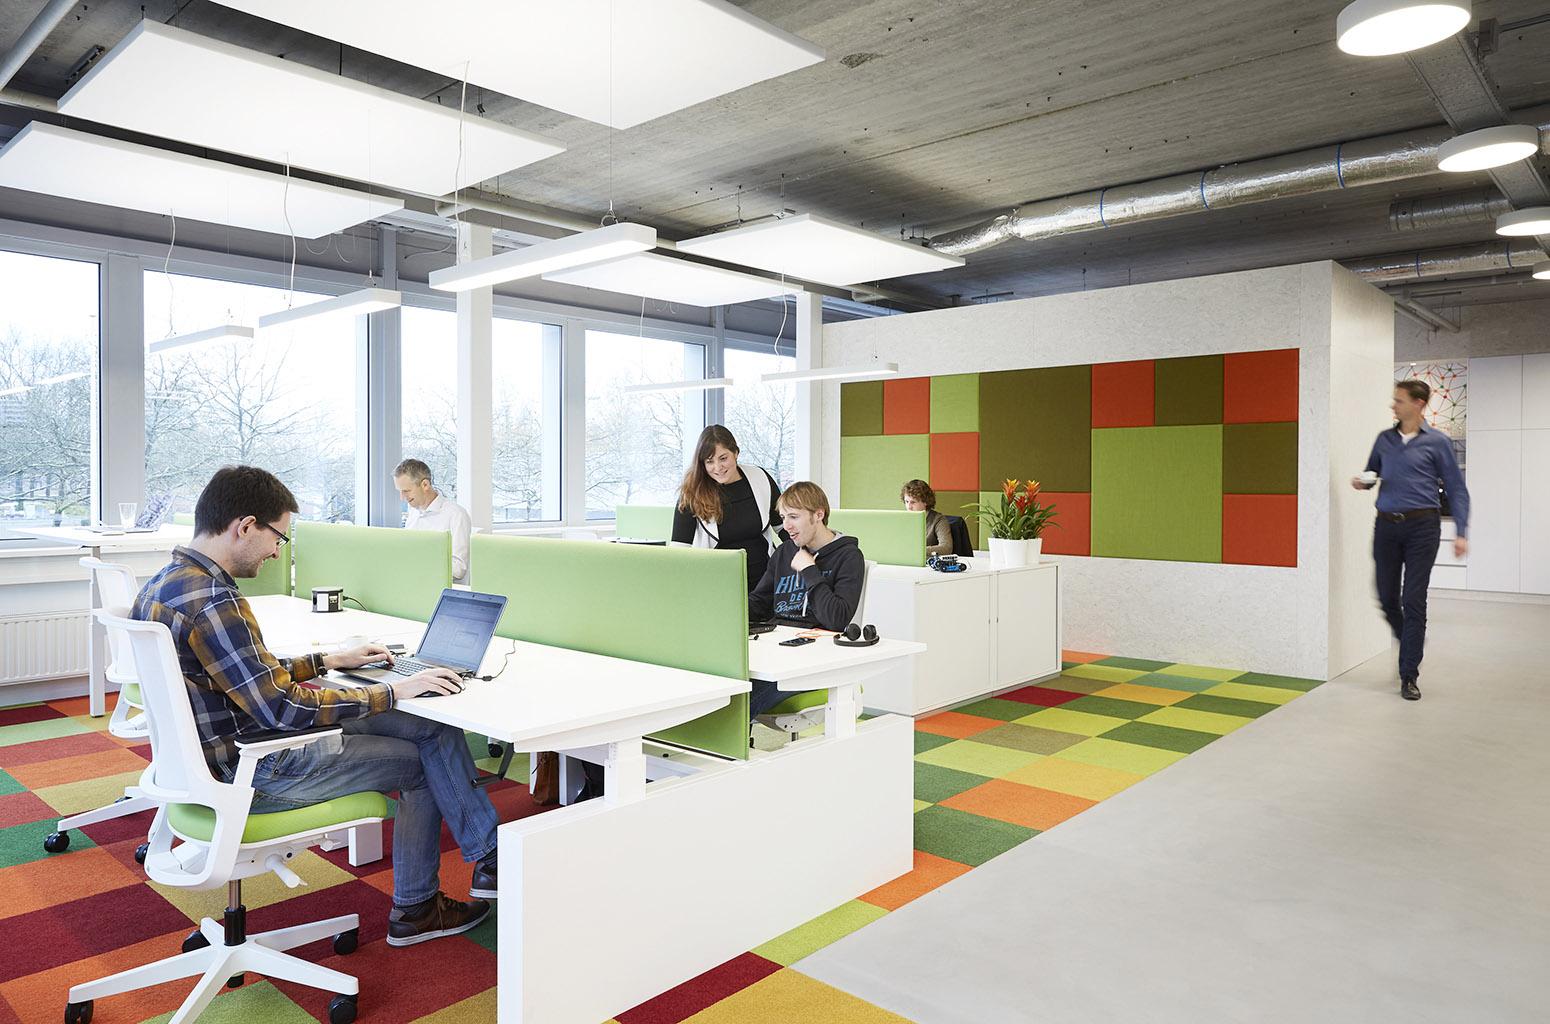 <p>Open werkplekken voor projecten. Foto: Minneboo fotografie</p>